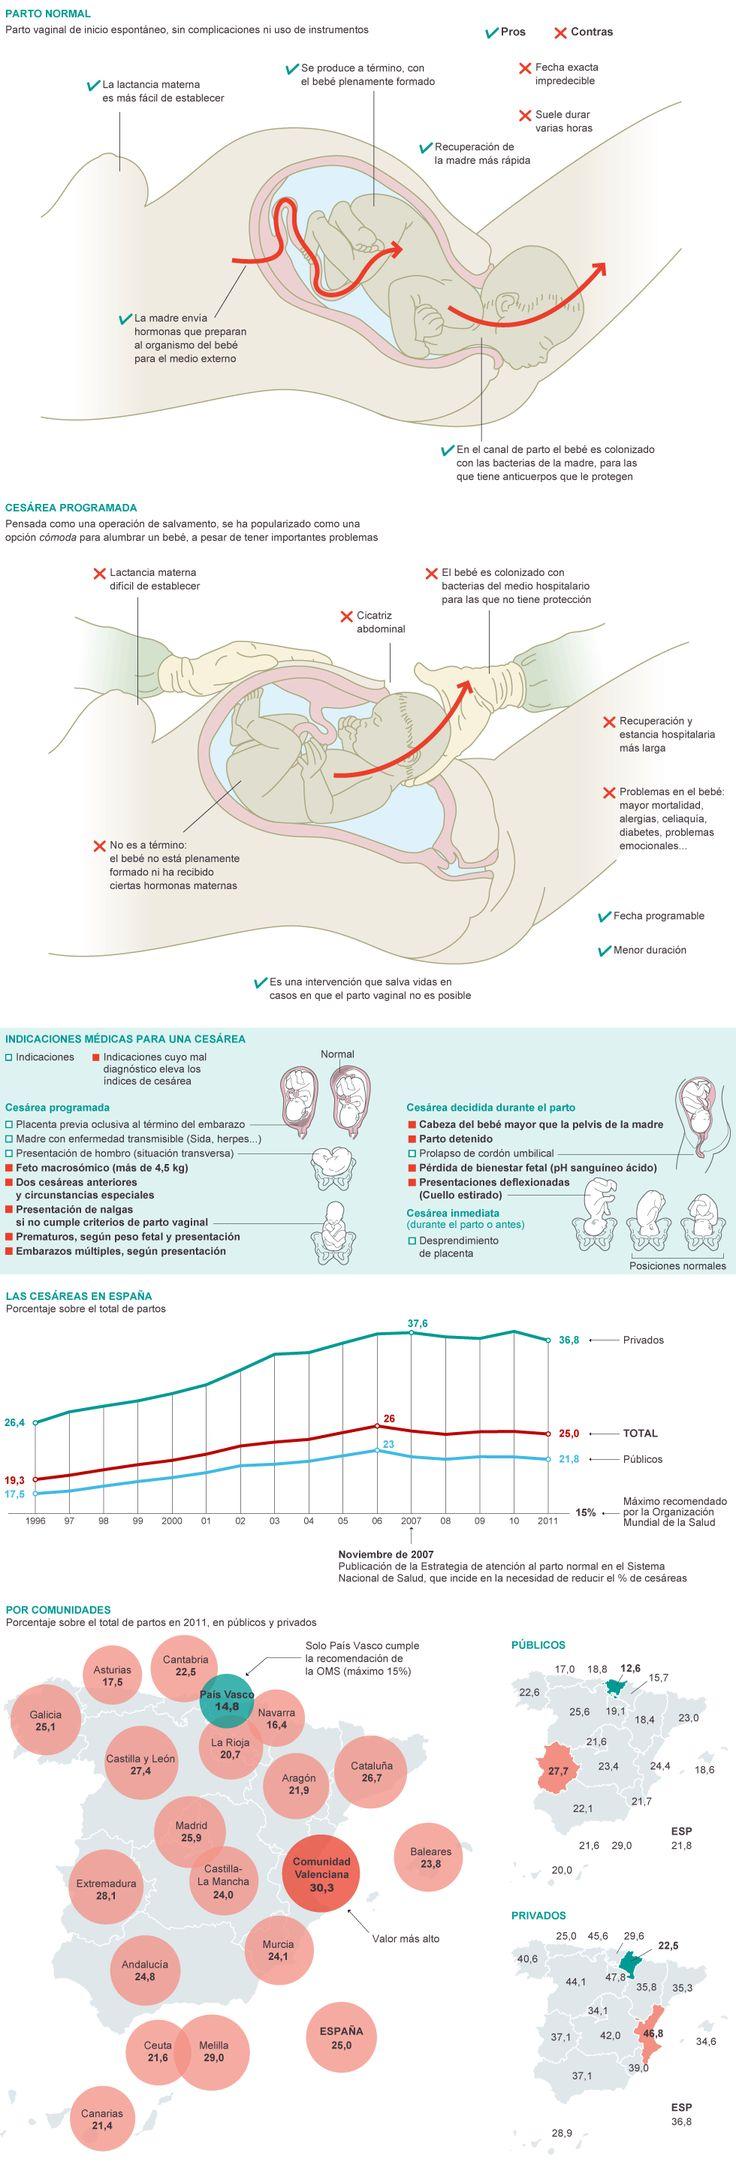 Luces y sombras de la cesárea en España [infografia]